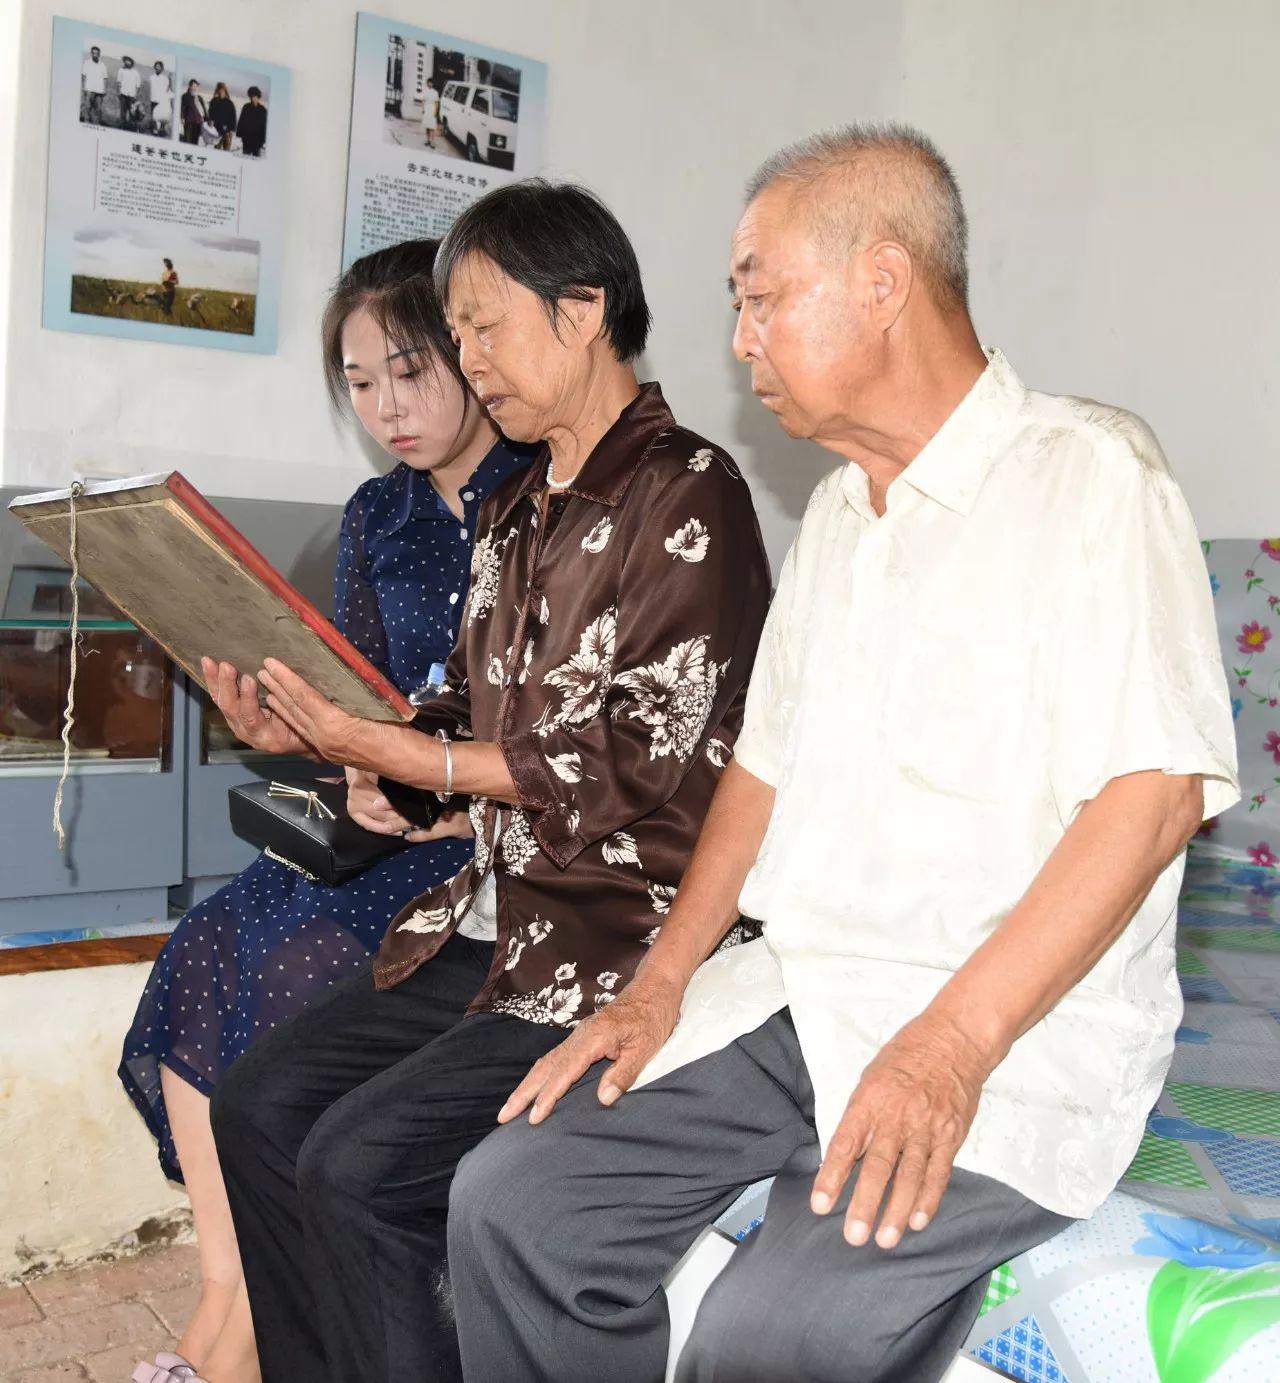 徐秀娟的父母和侄女在回忆徐秀娟(8月17日摄)。2017年是徐秀娟烈士牺牲三十周年。新华社记者 梁冬 摄